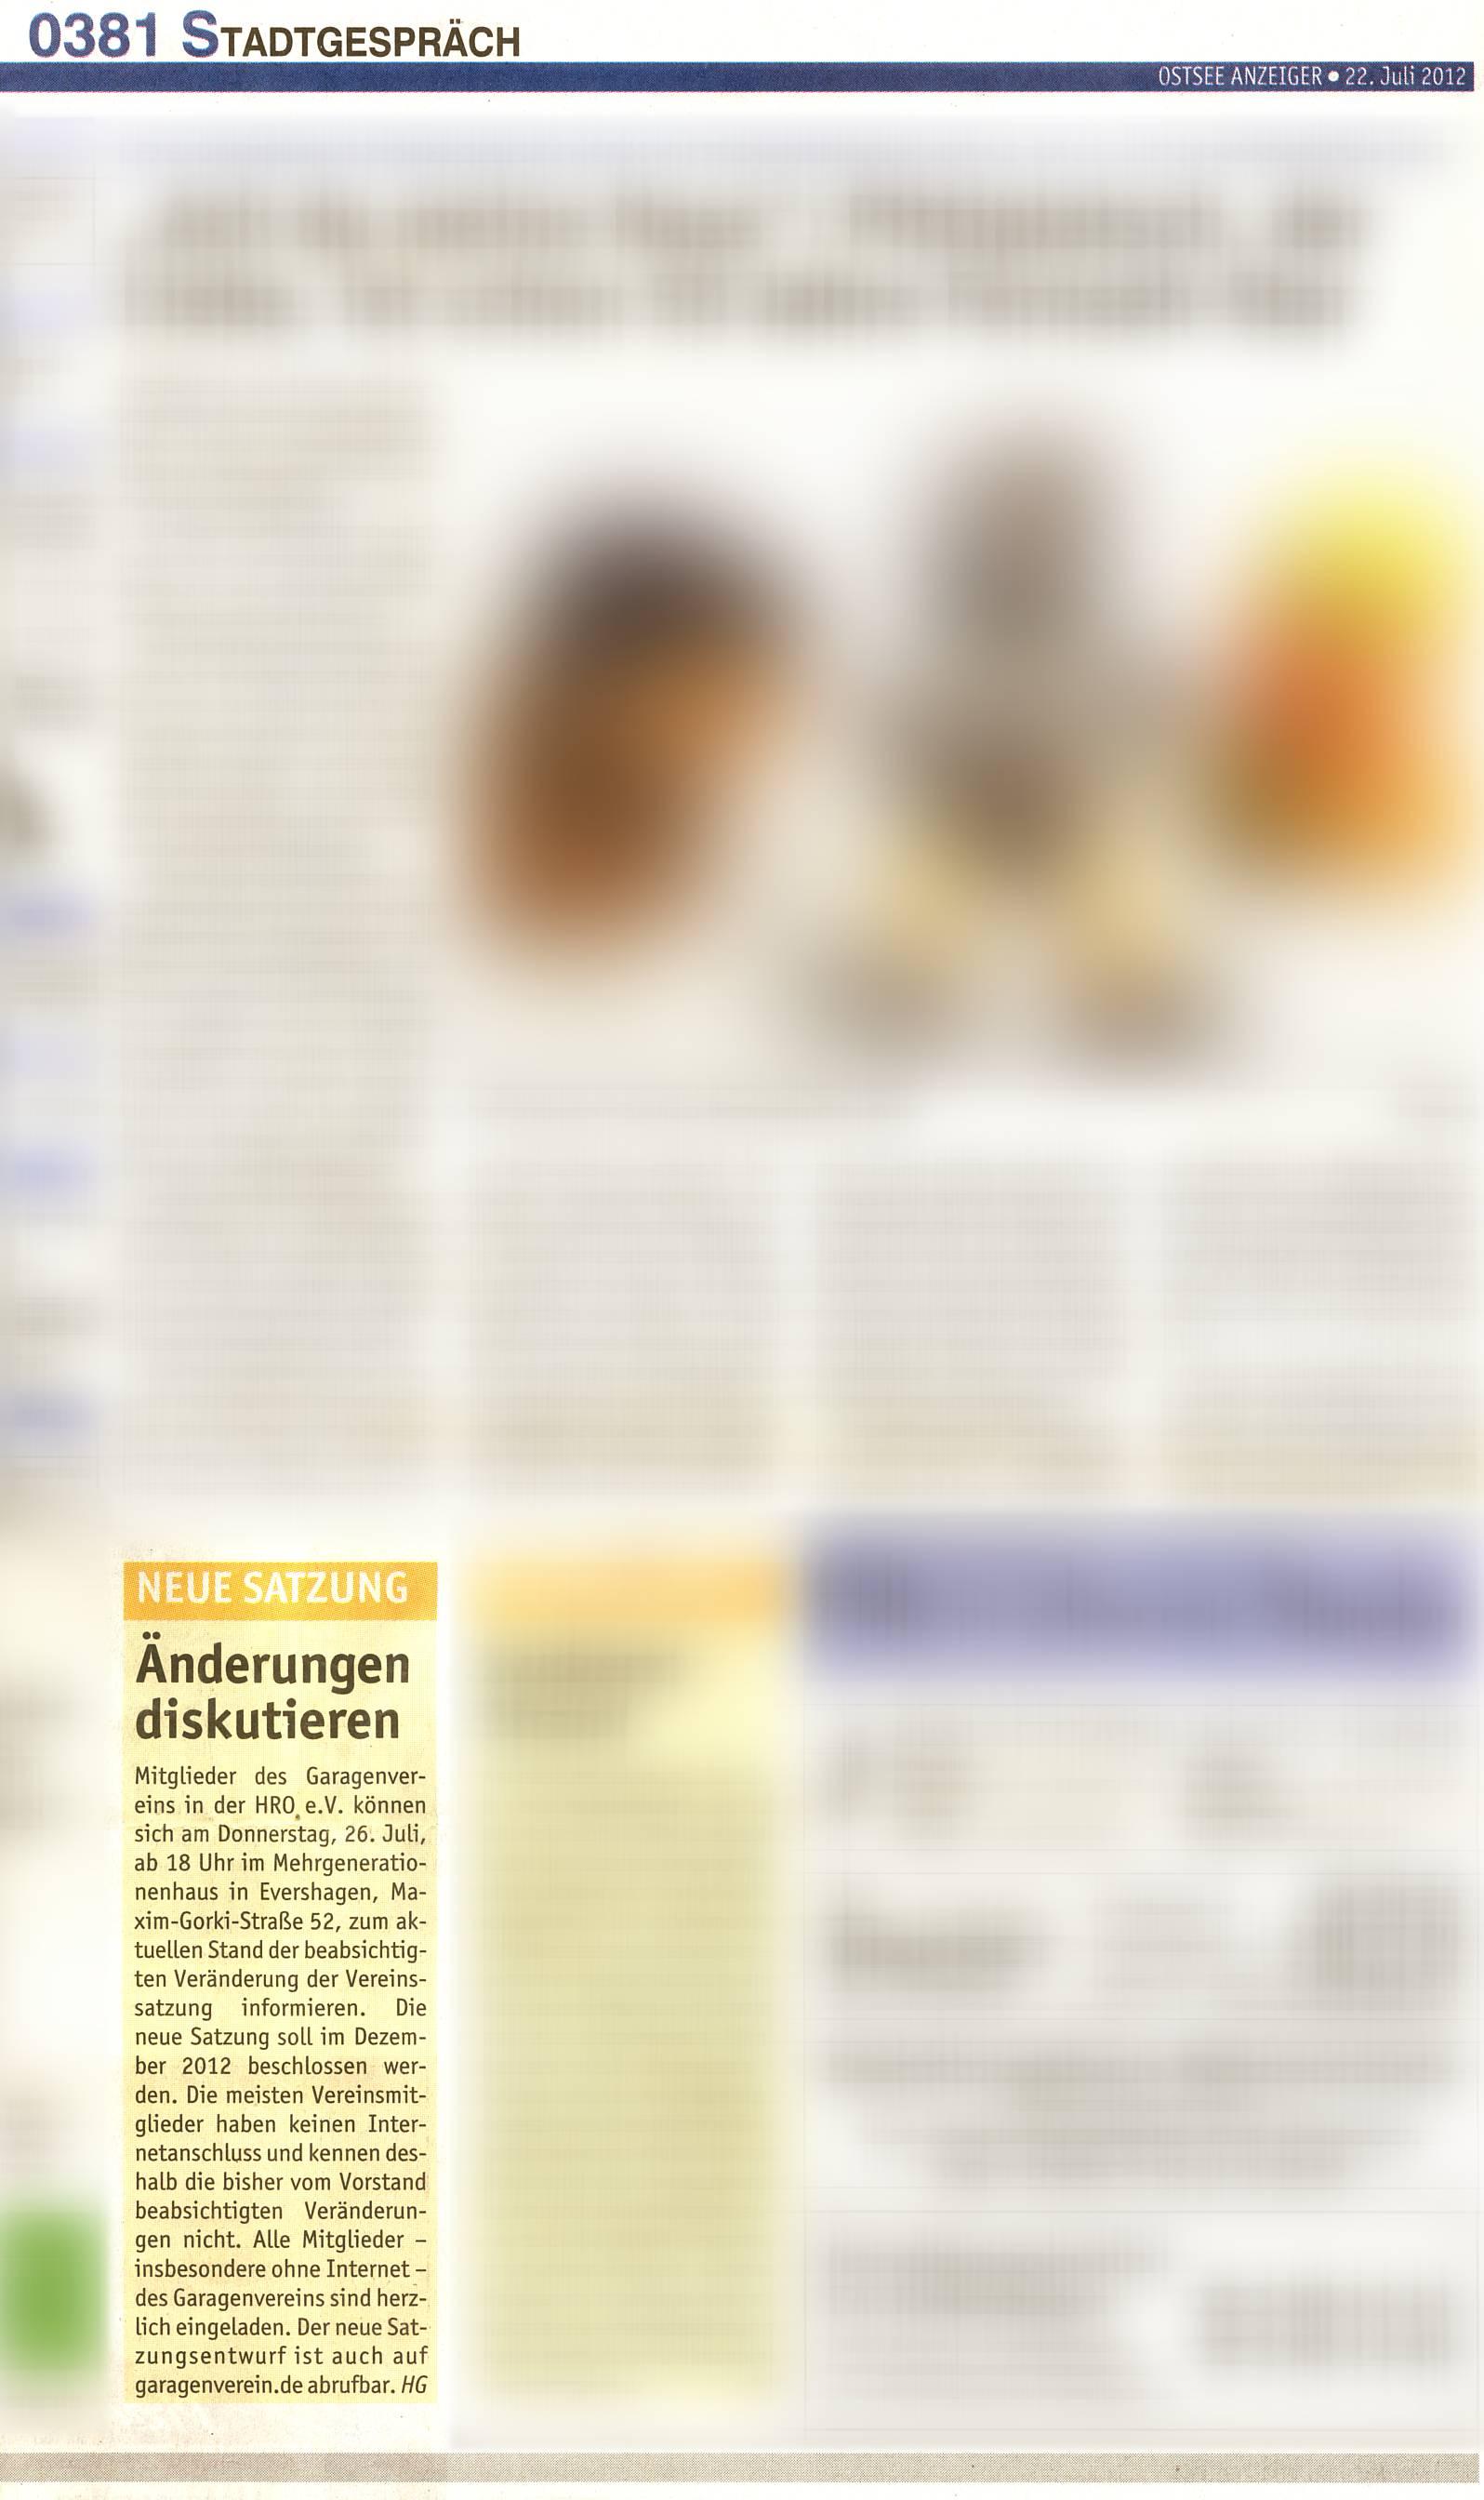 Zeitungsartikel im Ostsee Anzeiger mit der Ankündigung zur Informations- und Beratungsveranstaltung am 26.07.2012